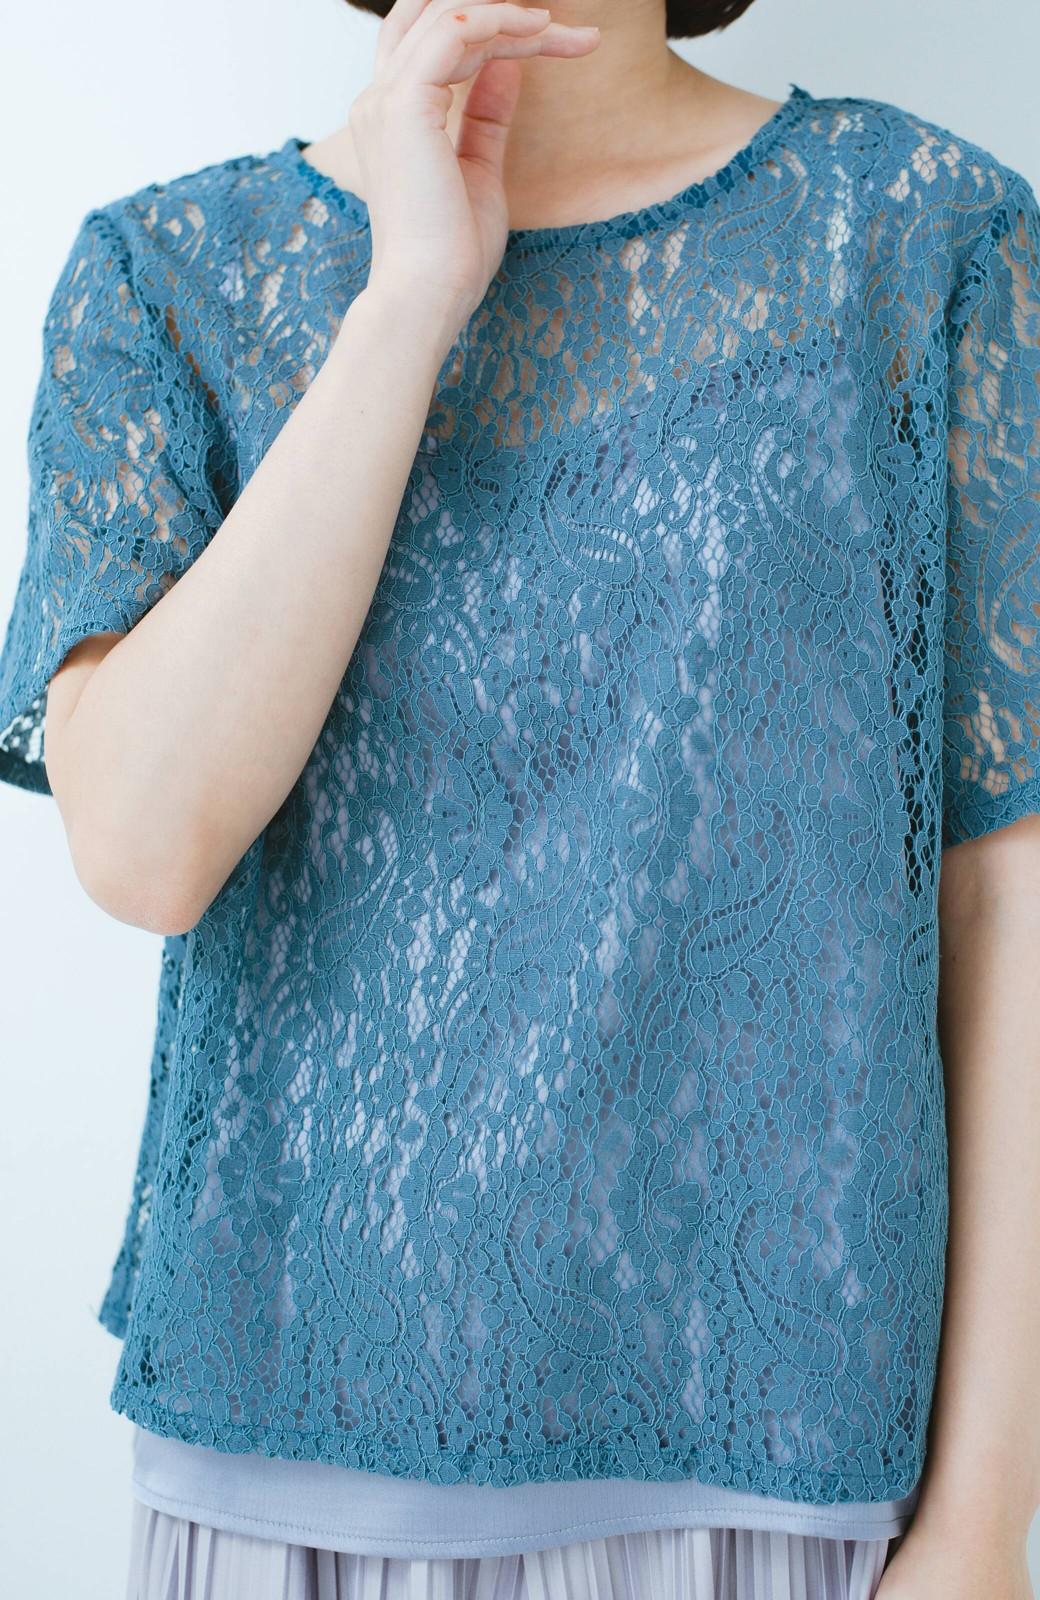 haco! いつものTシャツのかわりに着たい レースTブラウスとキャミソールセット <ブルー>の商品写真4